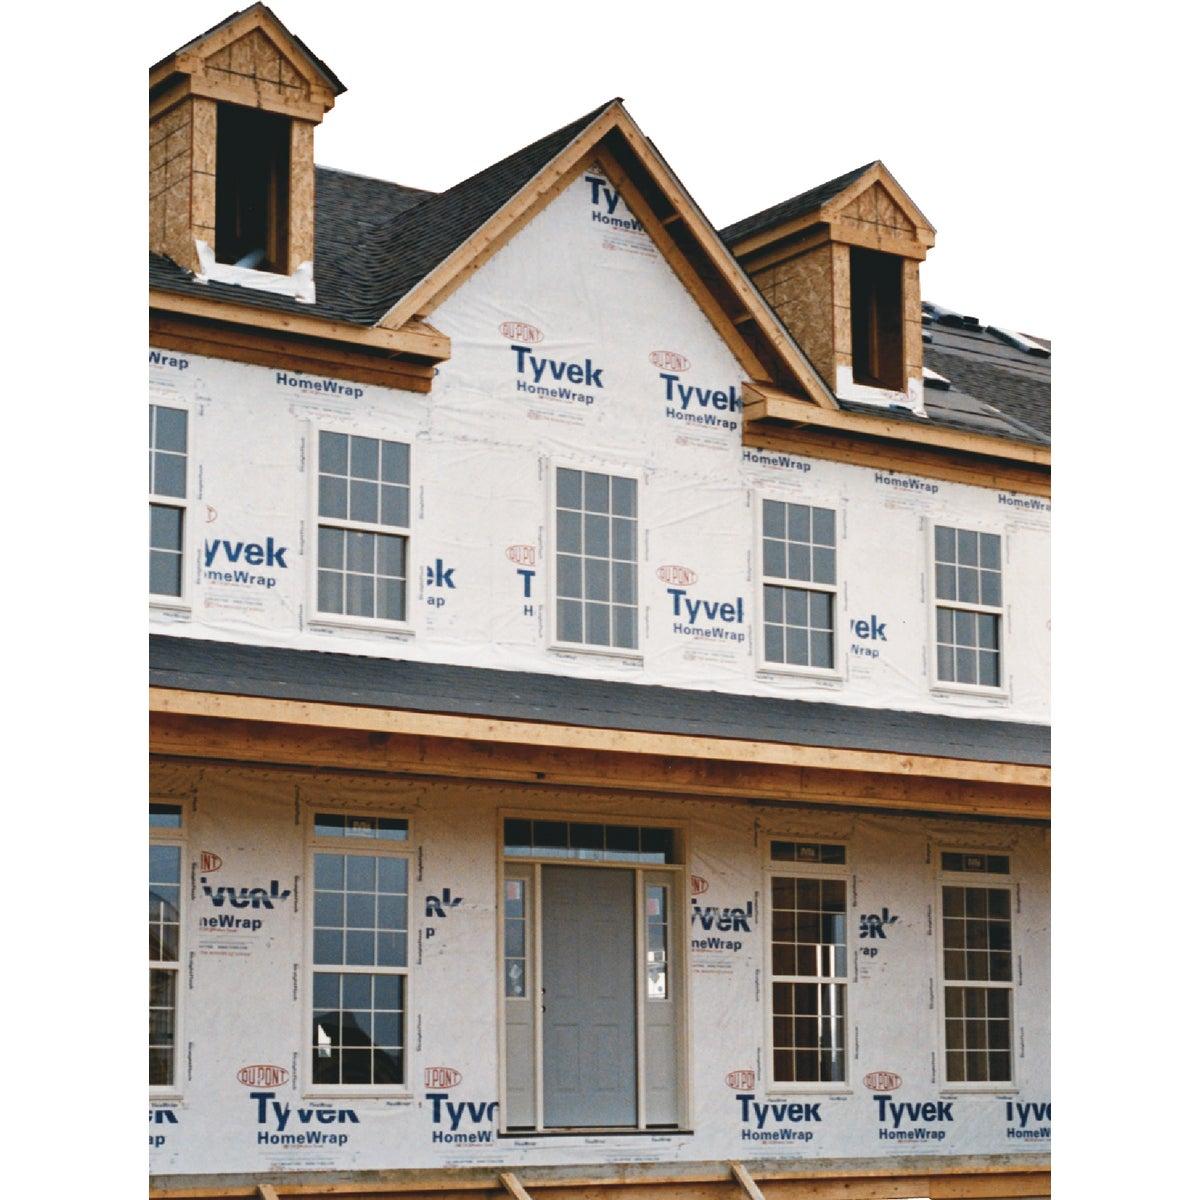 3X100 Tyvek House Wrap